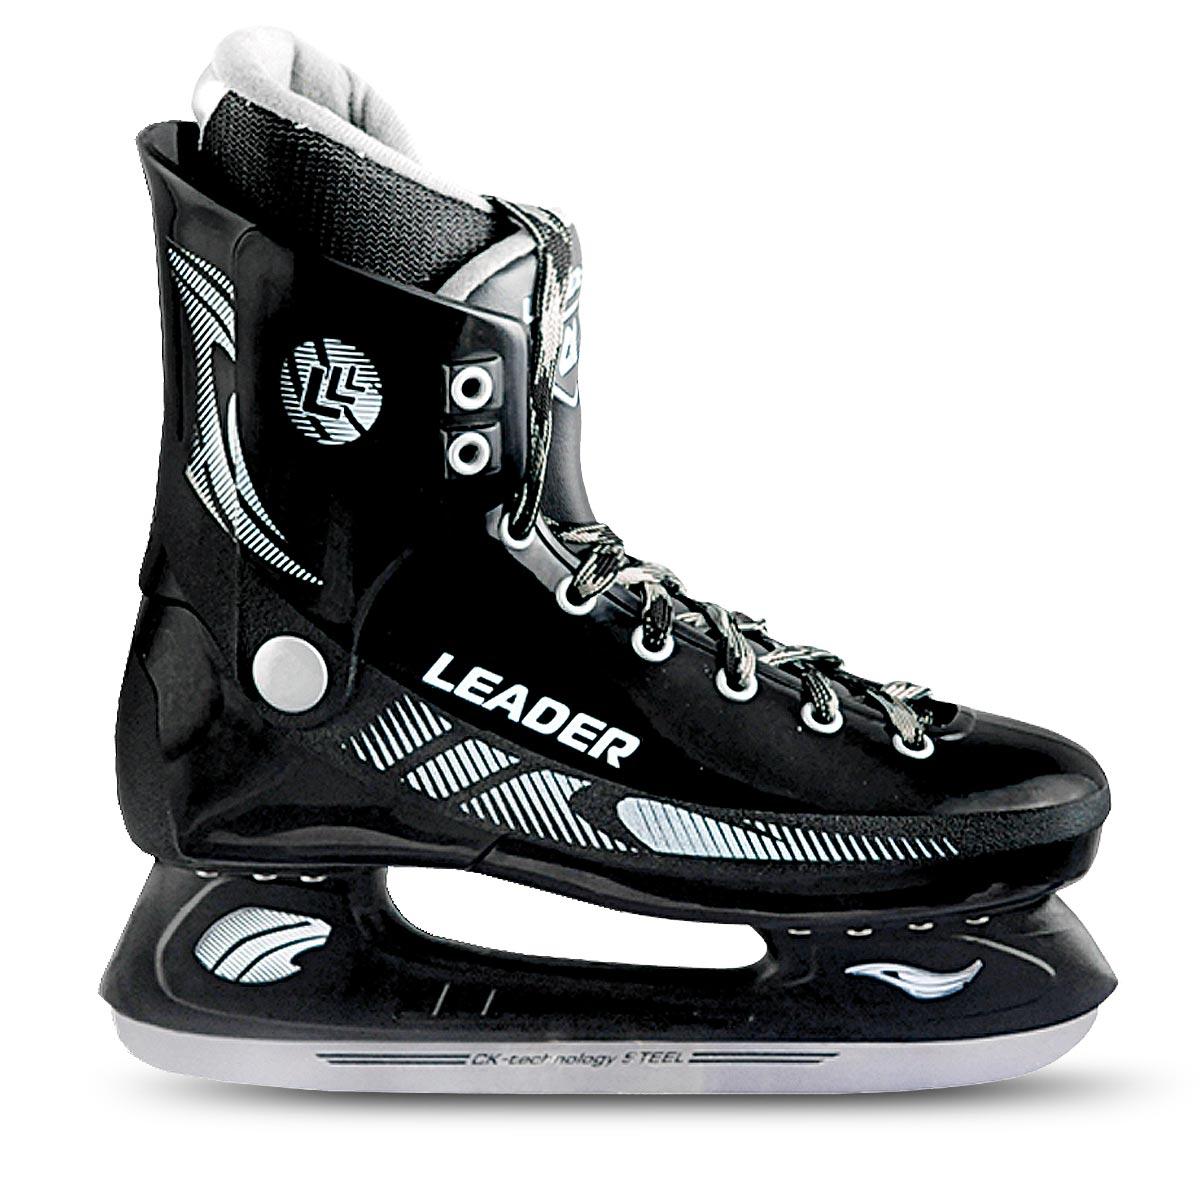 Коньки хоккейные мужские CK Leader, цвет: черный. Размер 40LEADER_черный_40Стильные коньки от CK Master Leader с ударопрочной защитной конструкцией отлично подойдут для начинающих обучаться катанию. Ботинки изготовлены из морозостойкого полимера, который защитит ноги от ударов. Верх изделия оформлен классической шнуровкой, надежно фиксирующей голеностоп. Сапожок, выполненный из комбинации капровелюра и искусственной кожи, оформлен принтом и тиснением в виде логотипа бренда. Внутренняя поверхность, дополненная утеплителем, и стелька исполнены из текстиля. Фигурное лезвие изготовлено из легированной стали со специальным покрытием, придающим дополнительную прочность.Усиленная двухстаканная рама декорирована с одной из боковых сторон оригинальным принтом. Стильные коньки придутся вам по душе.